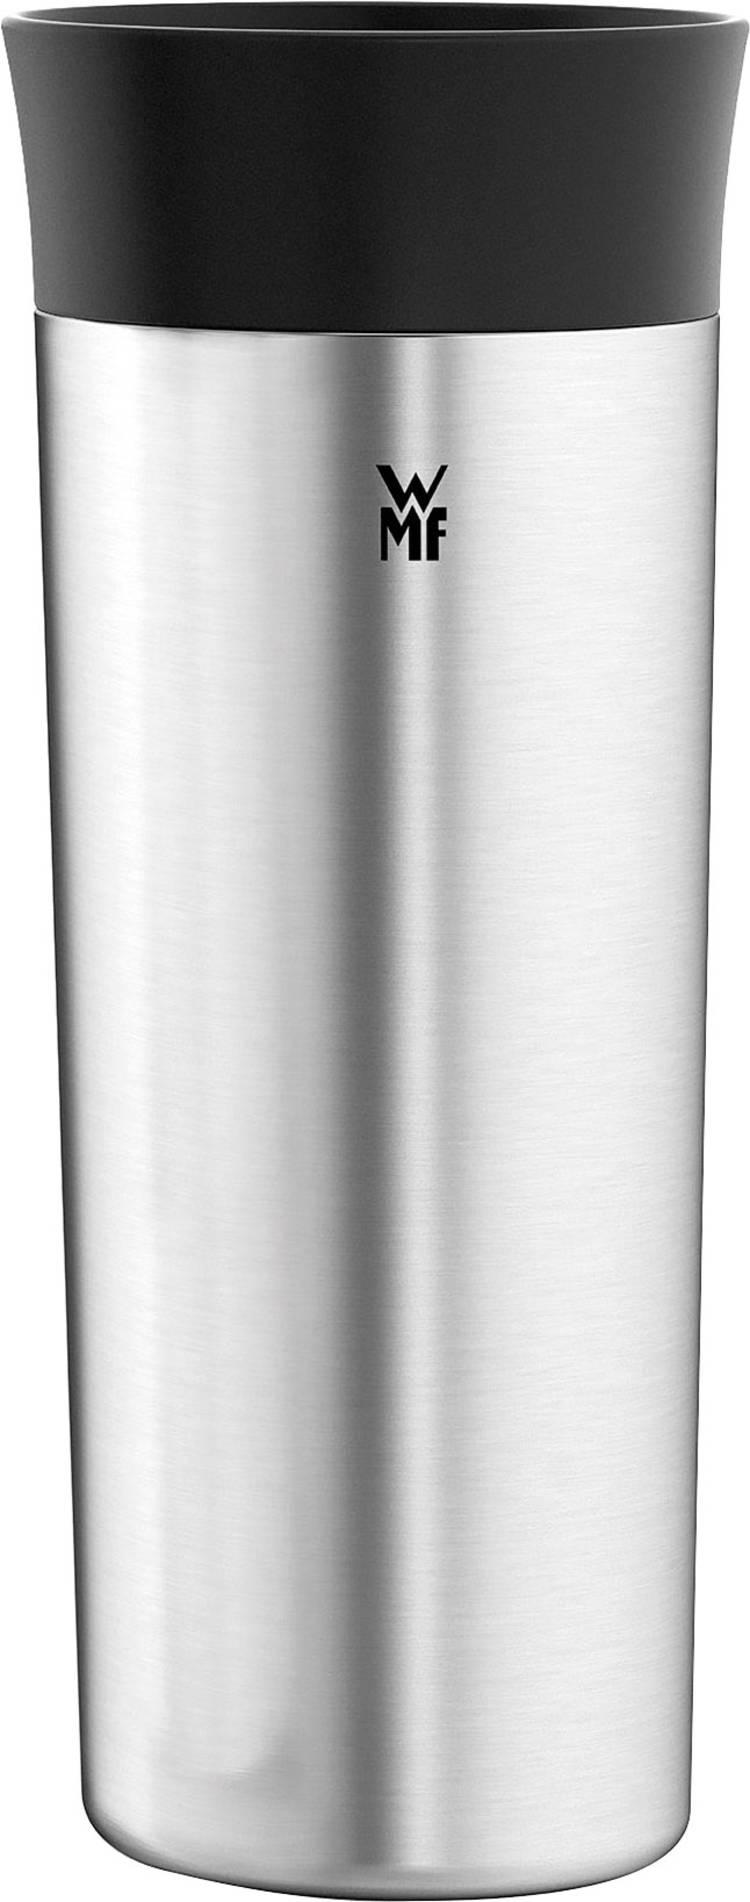 Image of WMF 0412970011 0412970011 Thermosbeker Zwart, Zilver (mat) 350 ml